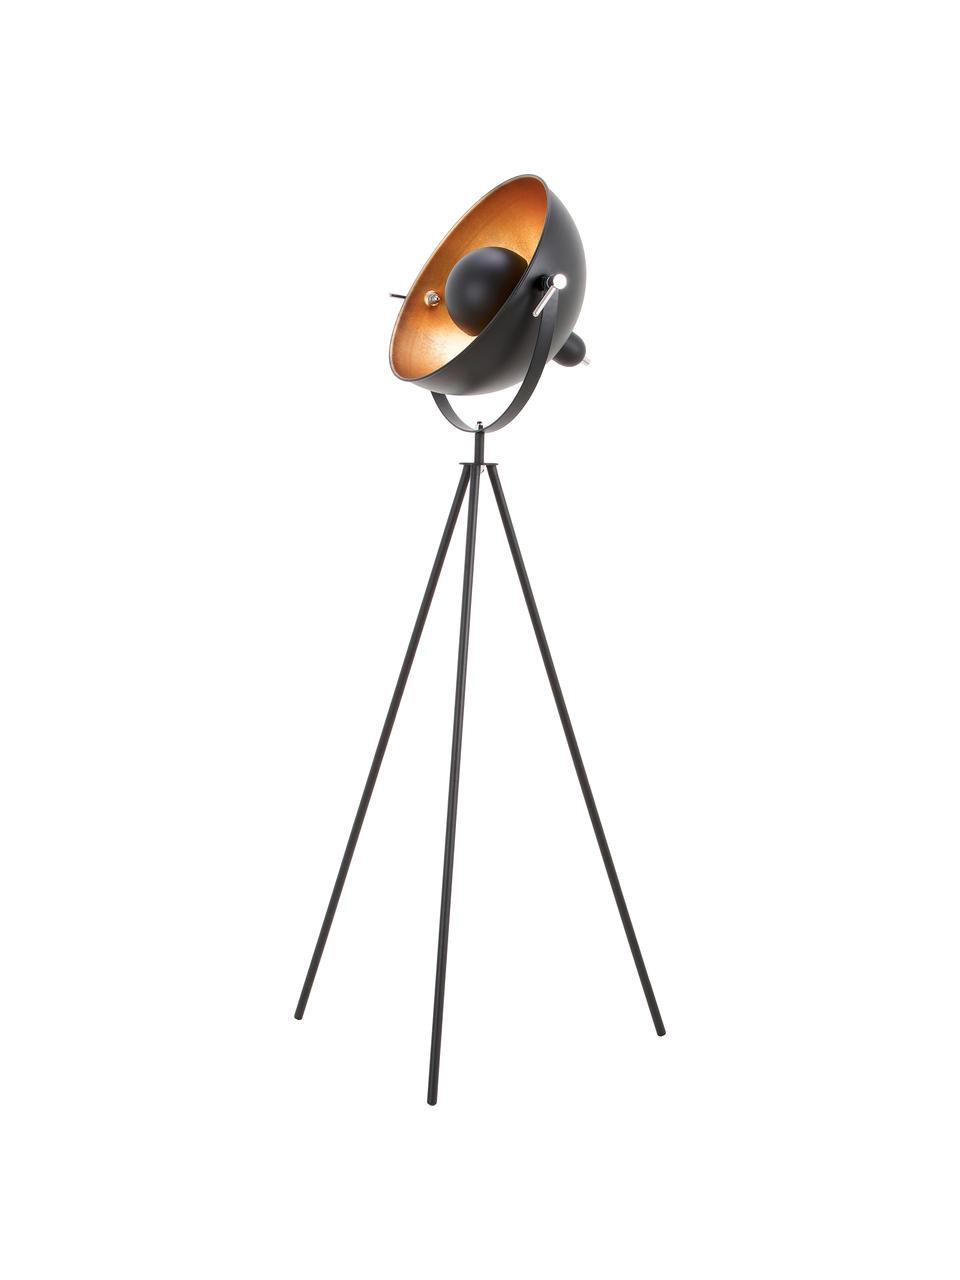 Tripod Stehlampe Captain im Industrial-Style, Dekor: Metall, Lampenfuß: Metall, pulverbeschichtet, Schwarz, Ø 39 x H 145 cm